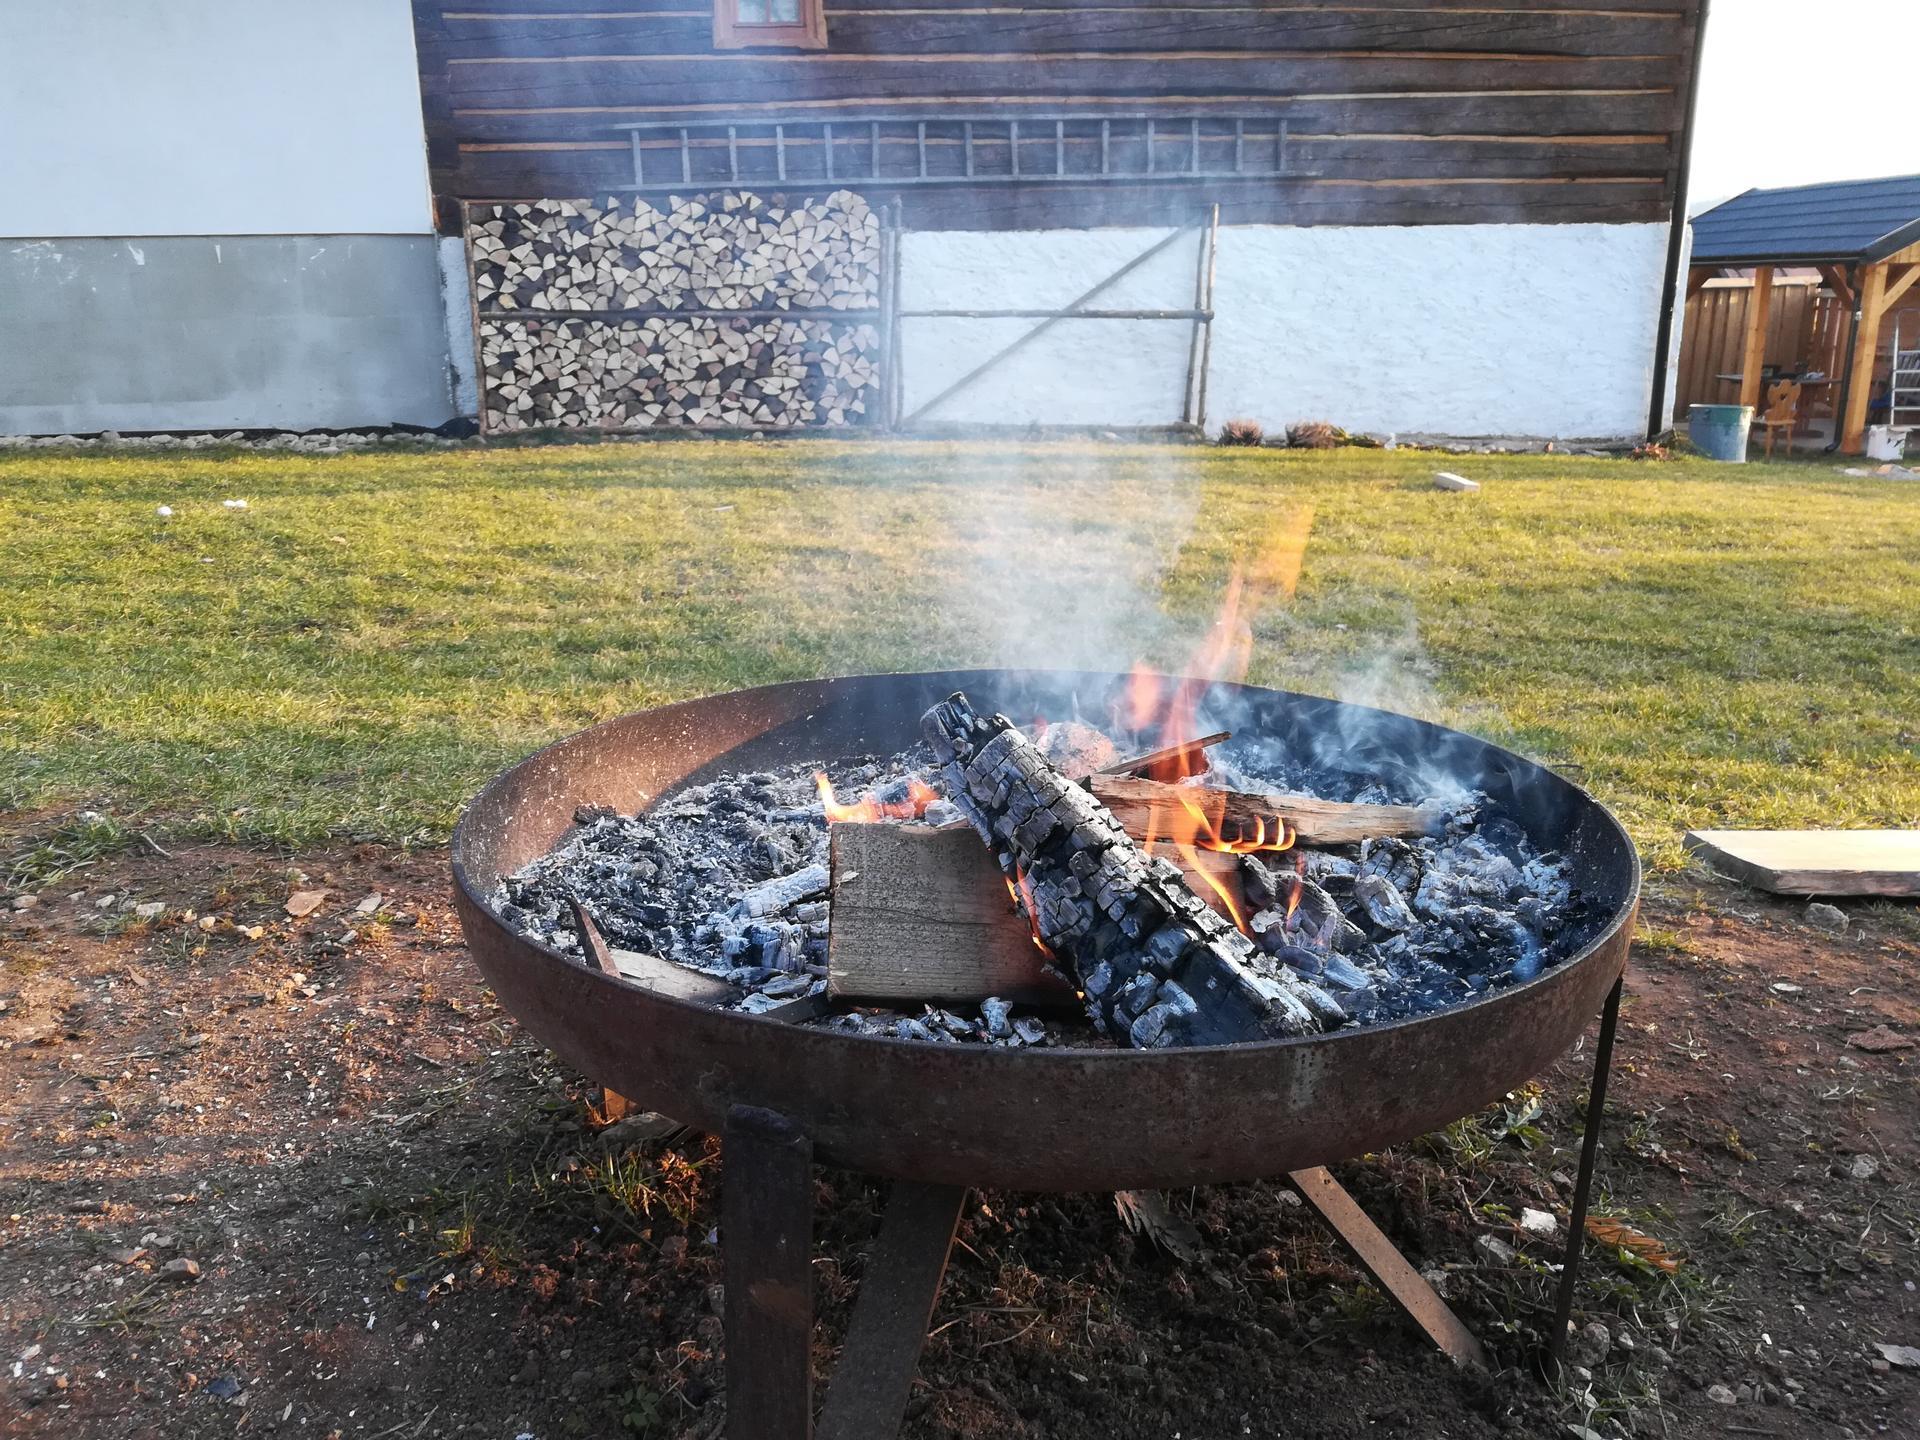 #som doma - Dnes si deti robia ohník. Opekať nemáme čo, do obchodu ešte nemôžeme a doma nič na opekanie nemáme.